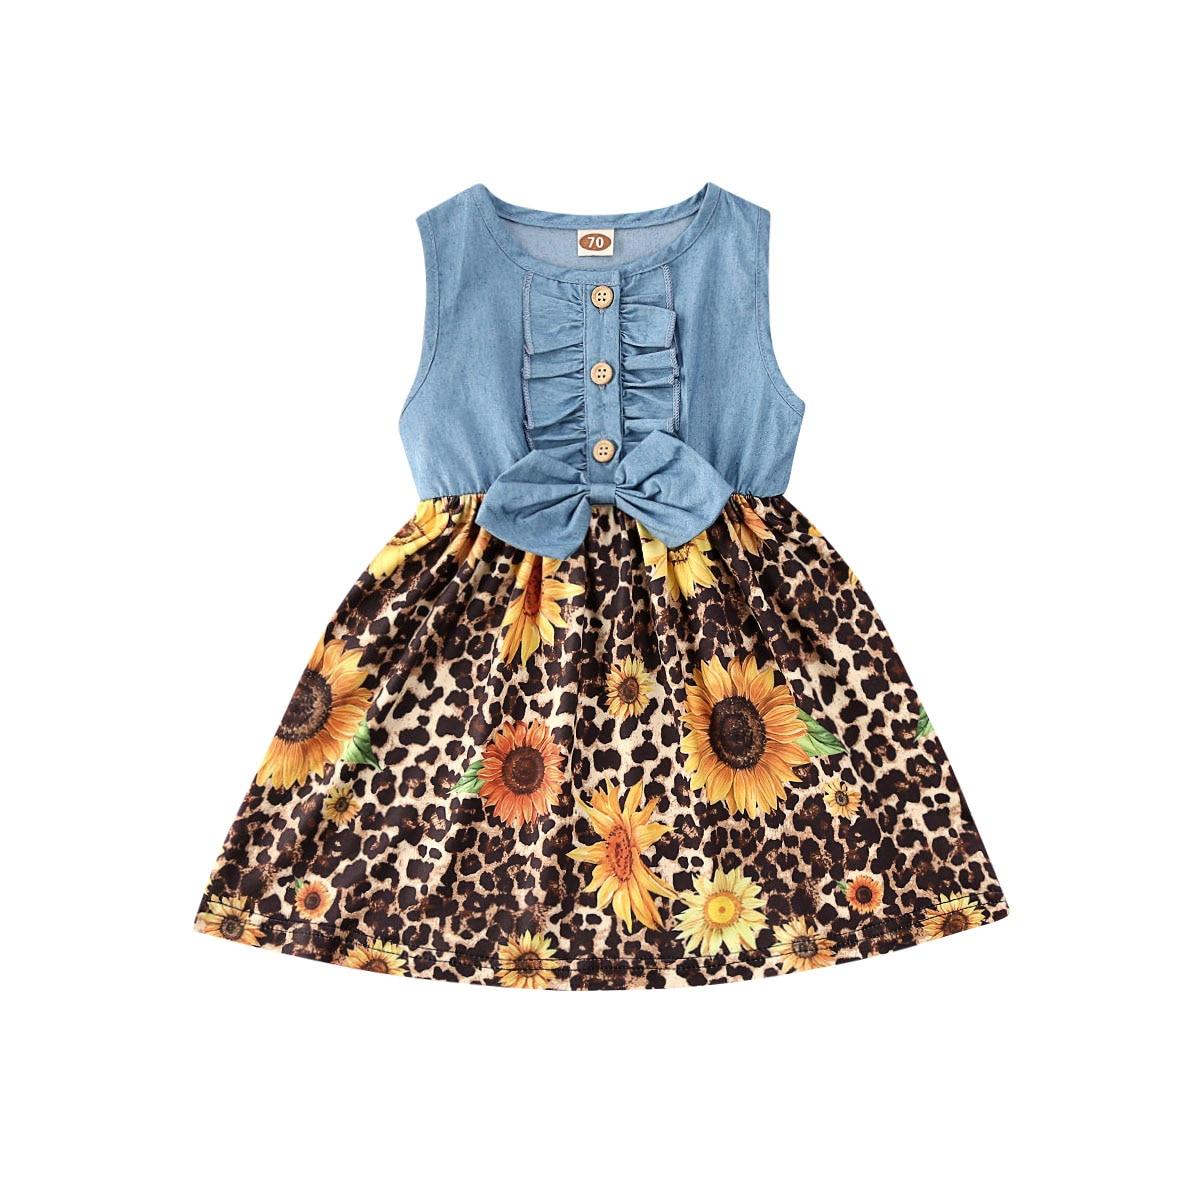 2020 Newly Cute Kids Baby Girls Dress Bowknot Sunflowers Leopard Print Denim Patchwork Sleeveless A-Line Dress